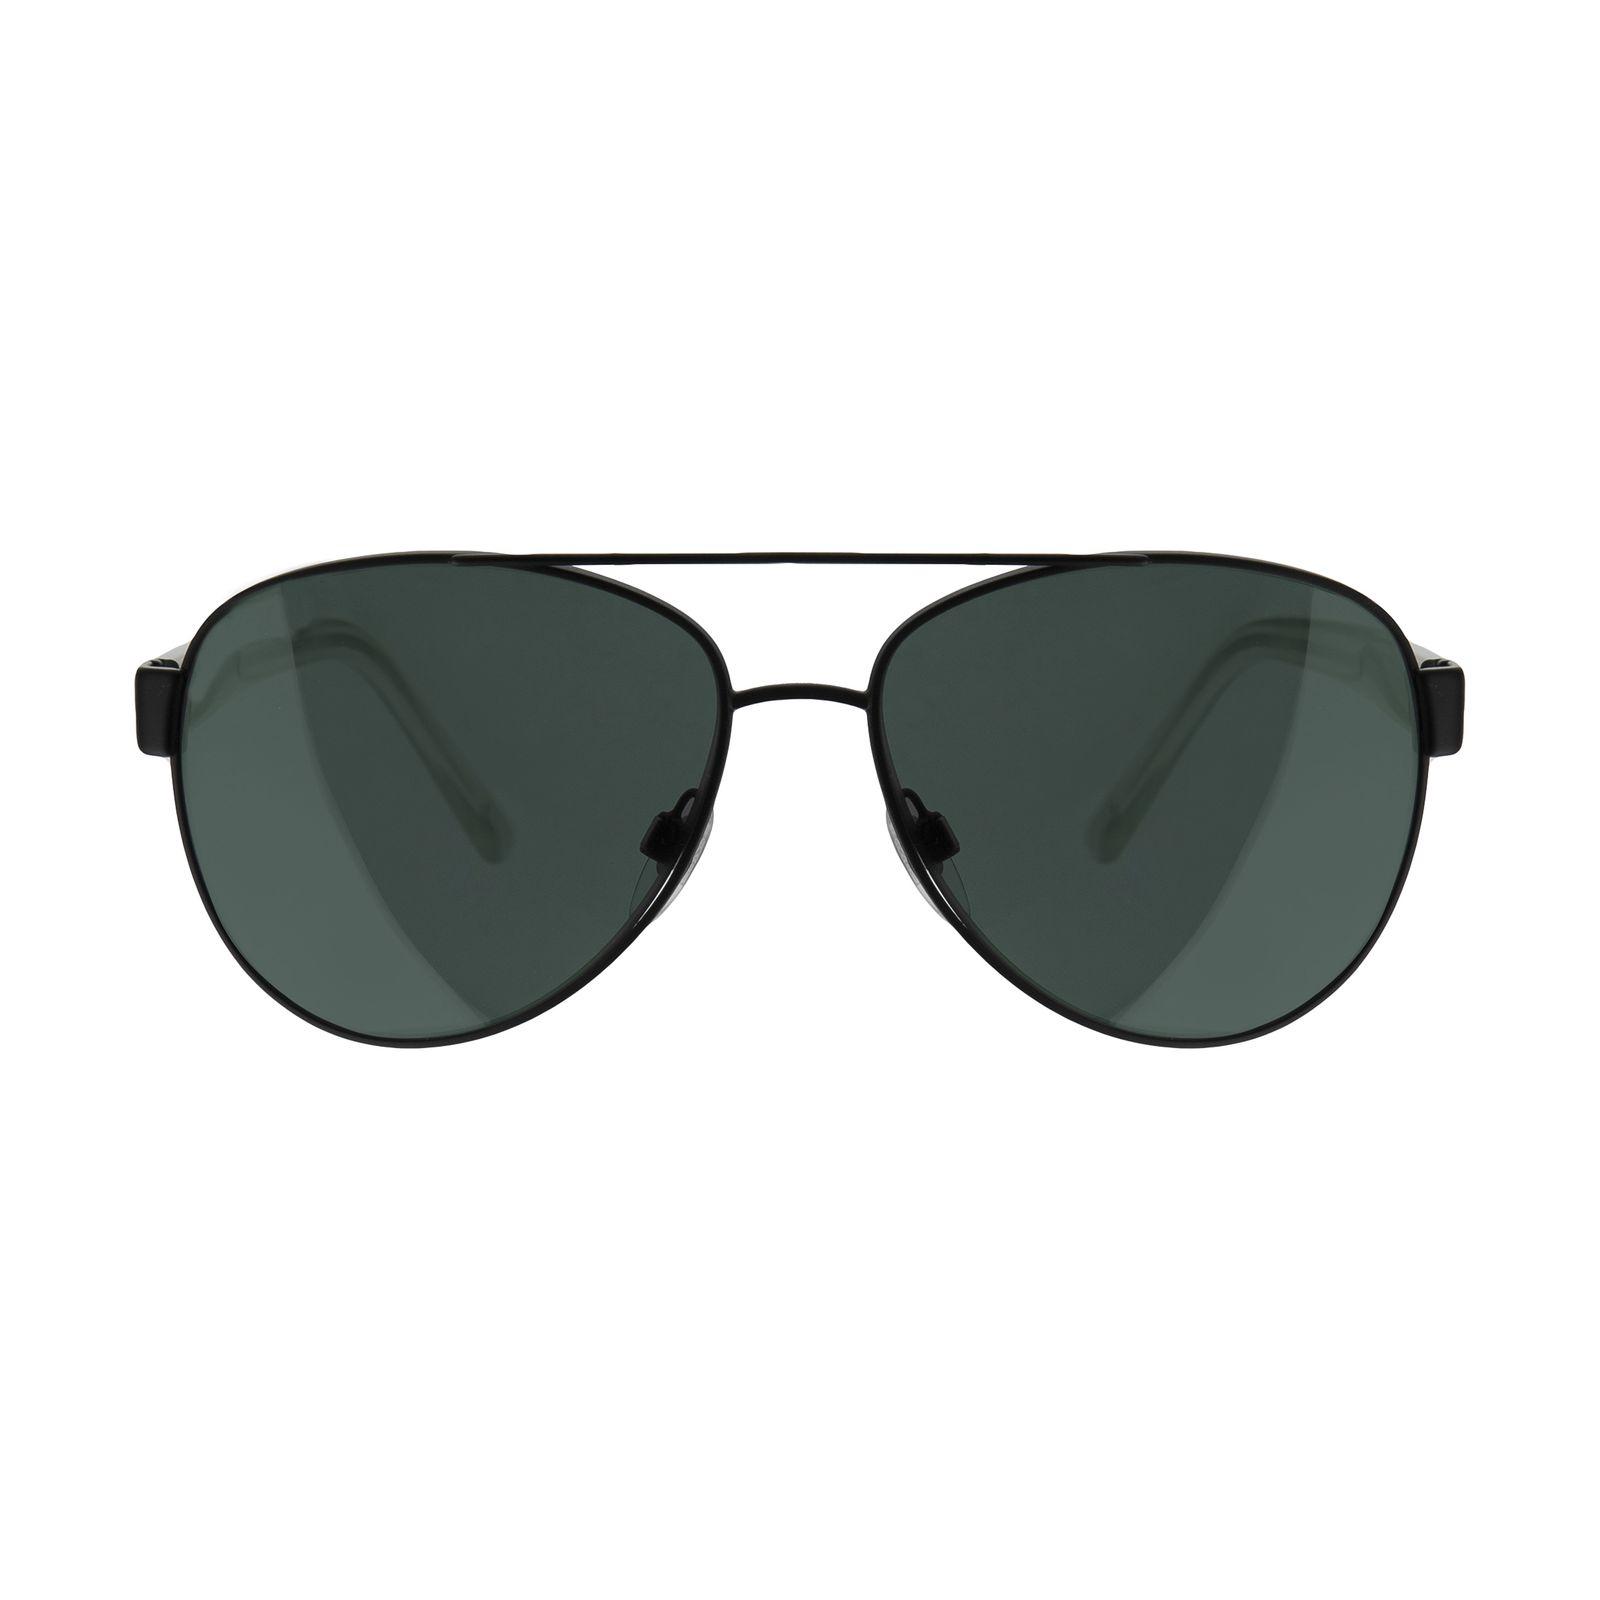 عینک آفتابی زنانه بربری مدل BE 3080S 123371 59 -  - 2